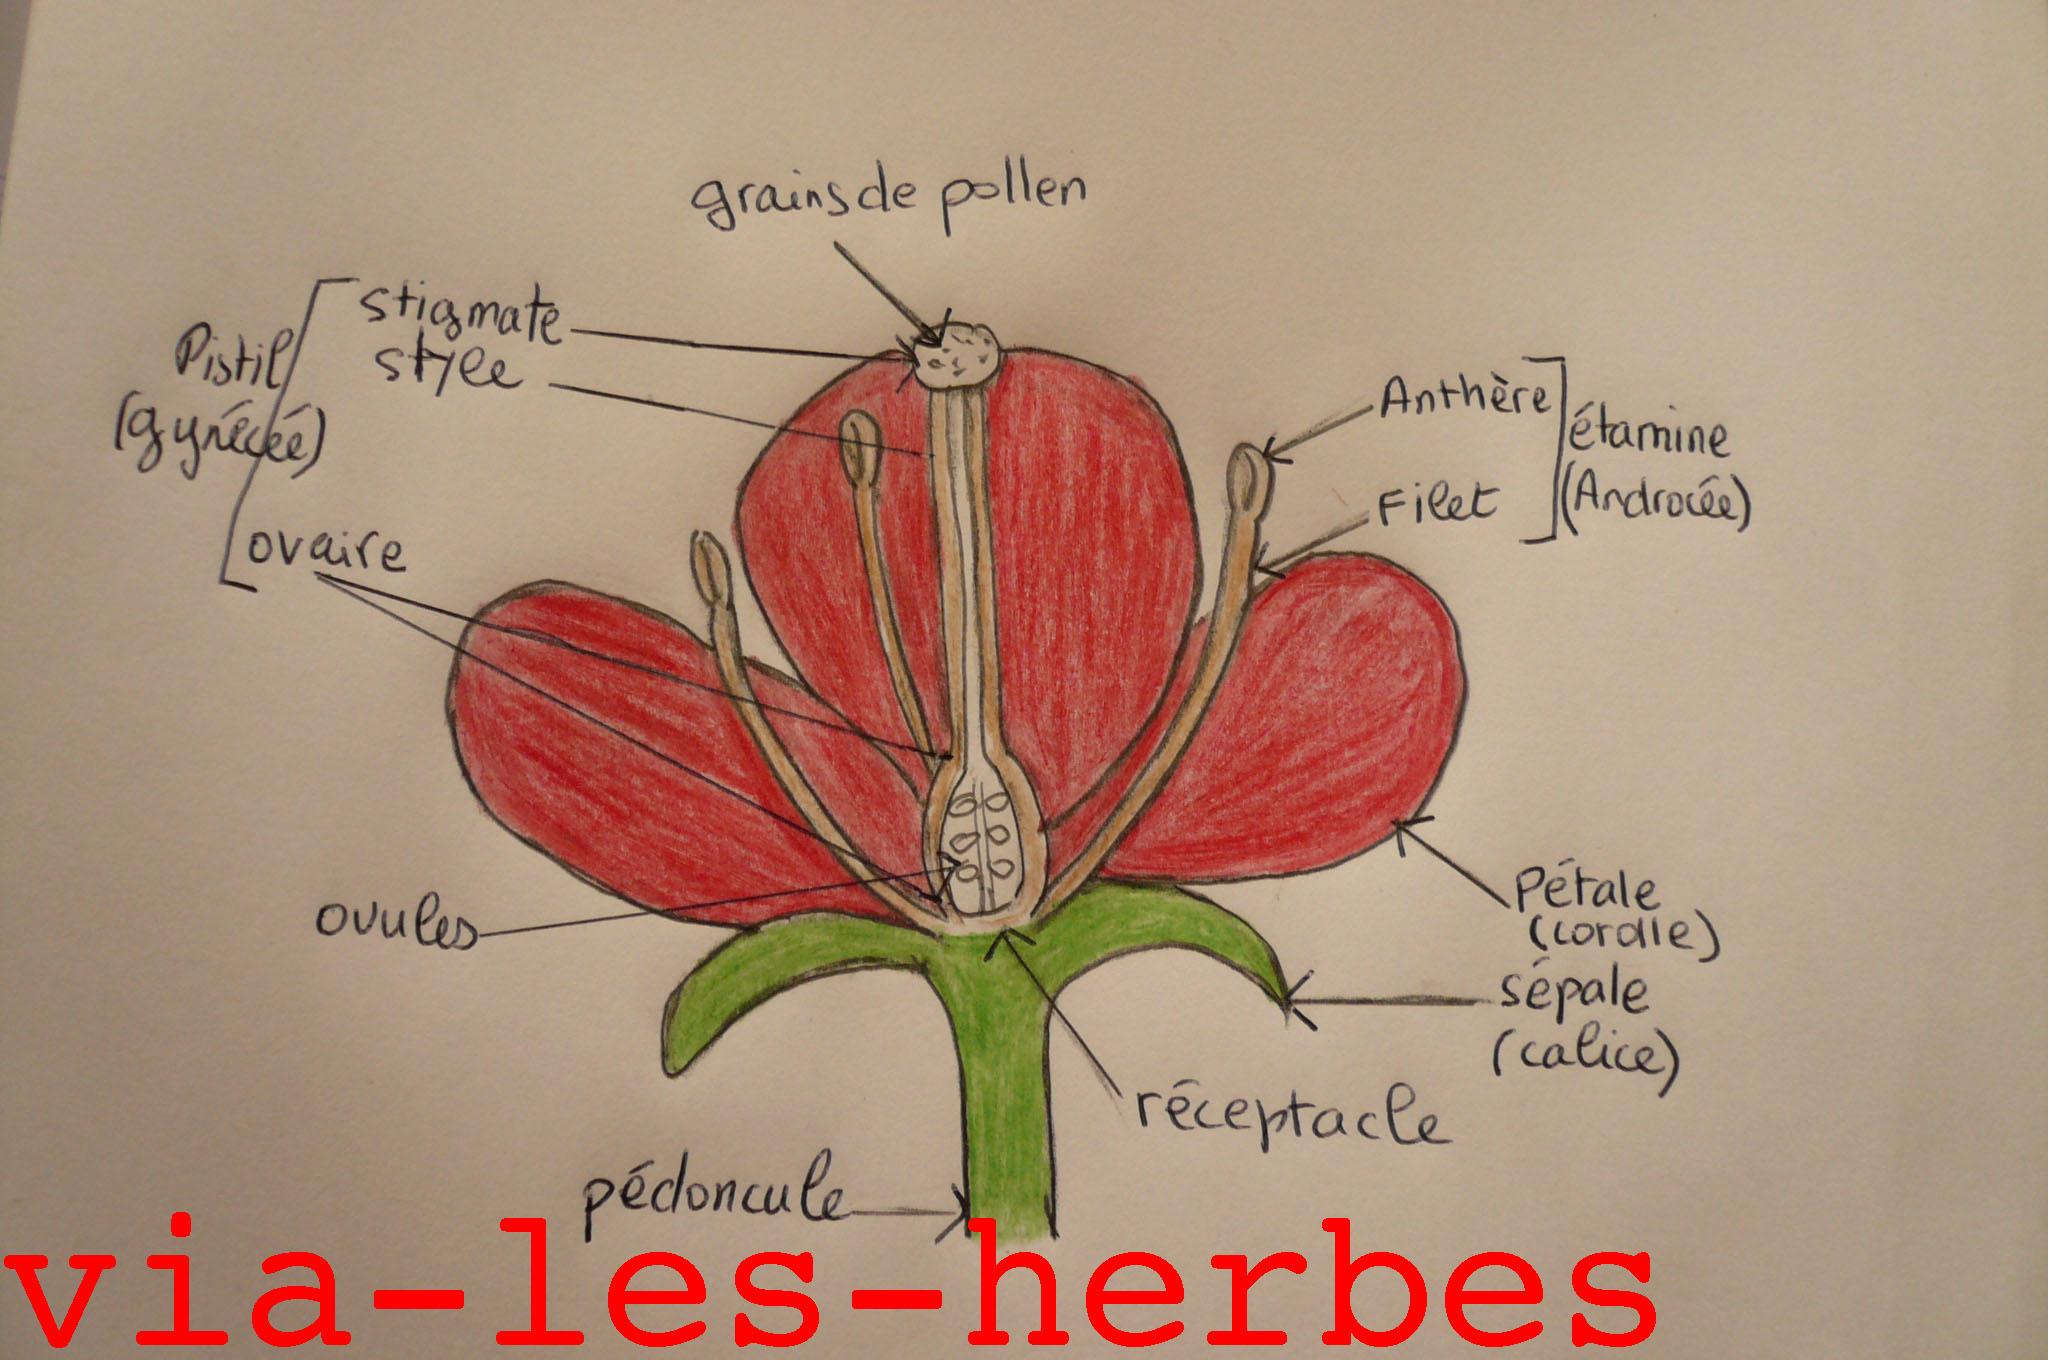 Les Plantes De La Famille Des Astéracées | Via-Les-Herbes concernant Schéma D Une Fleur